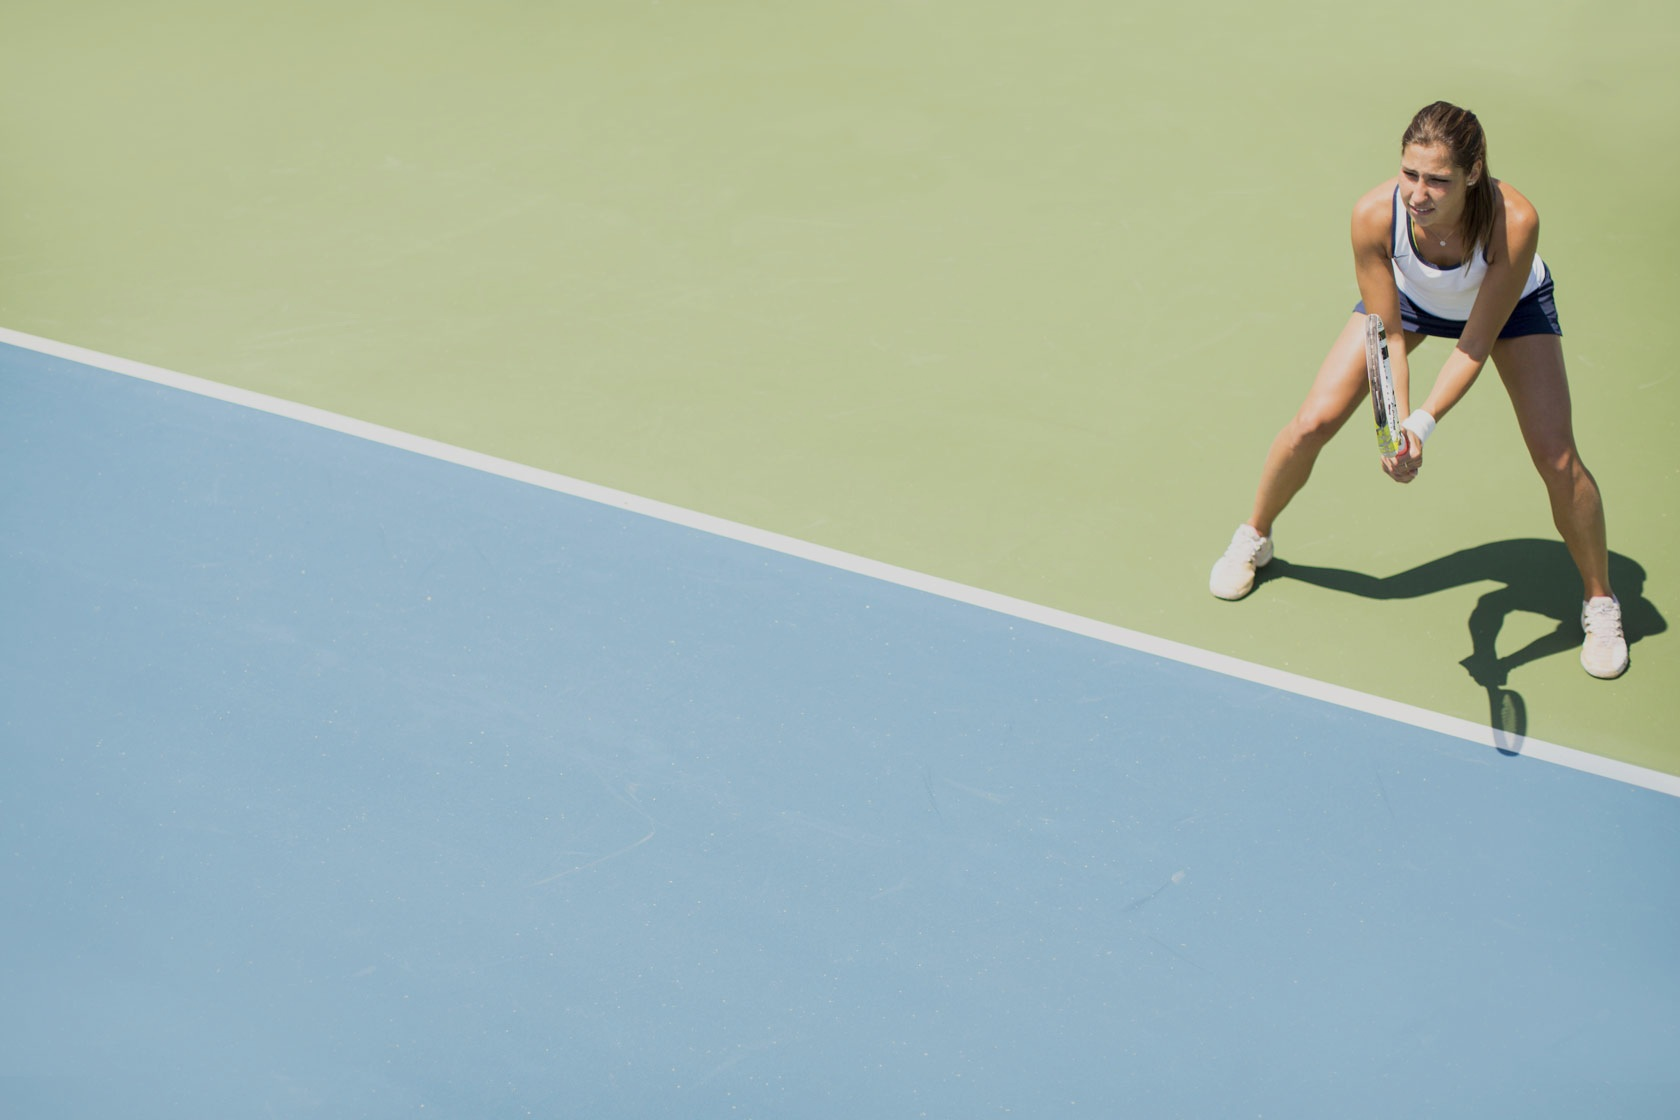 Migliorare nel tennis - L'abbigliamento bio-funzionale porta grandissimi benefici alla prestazione